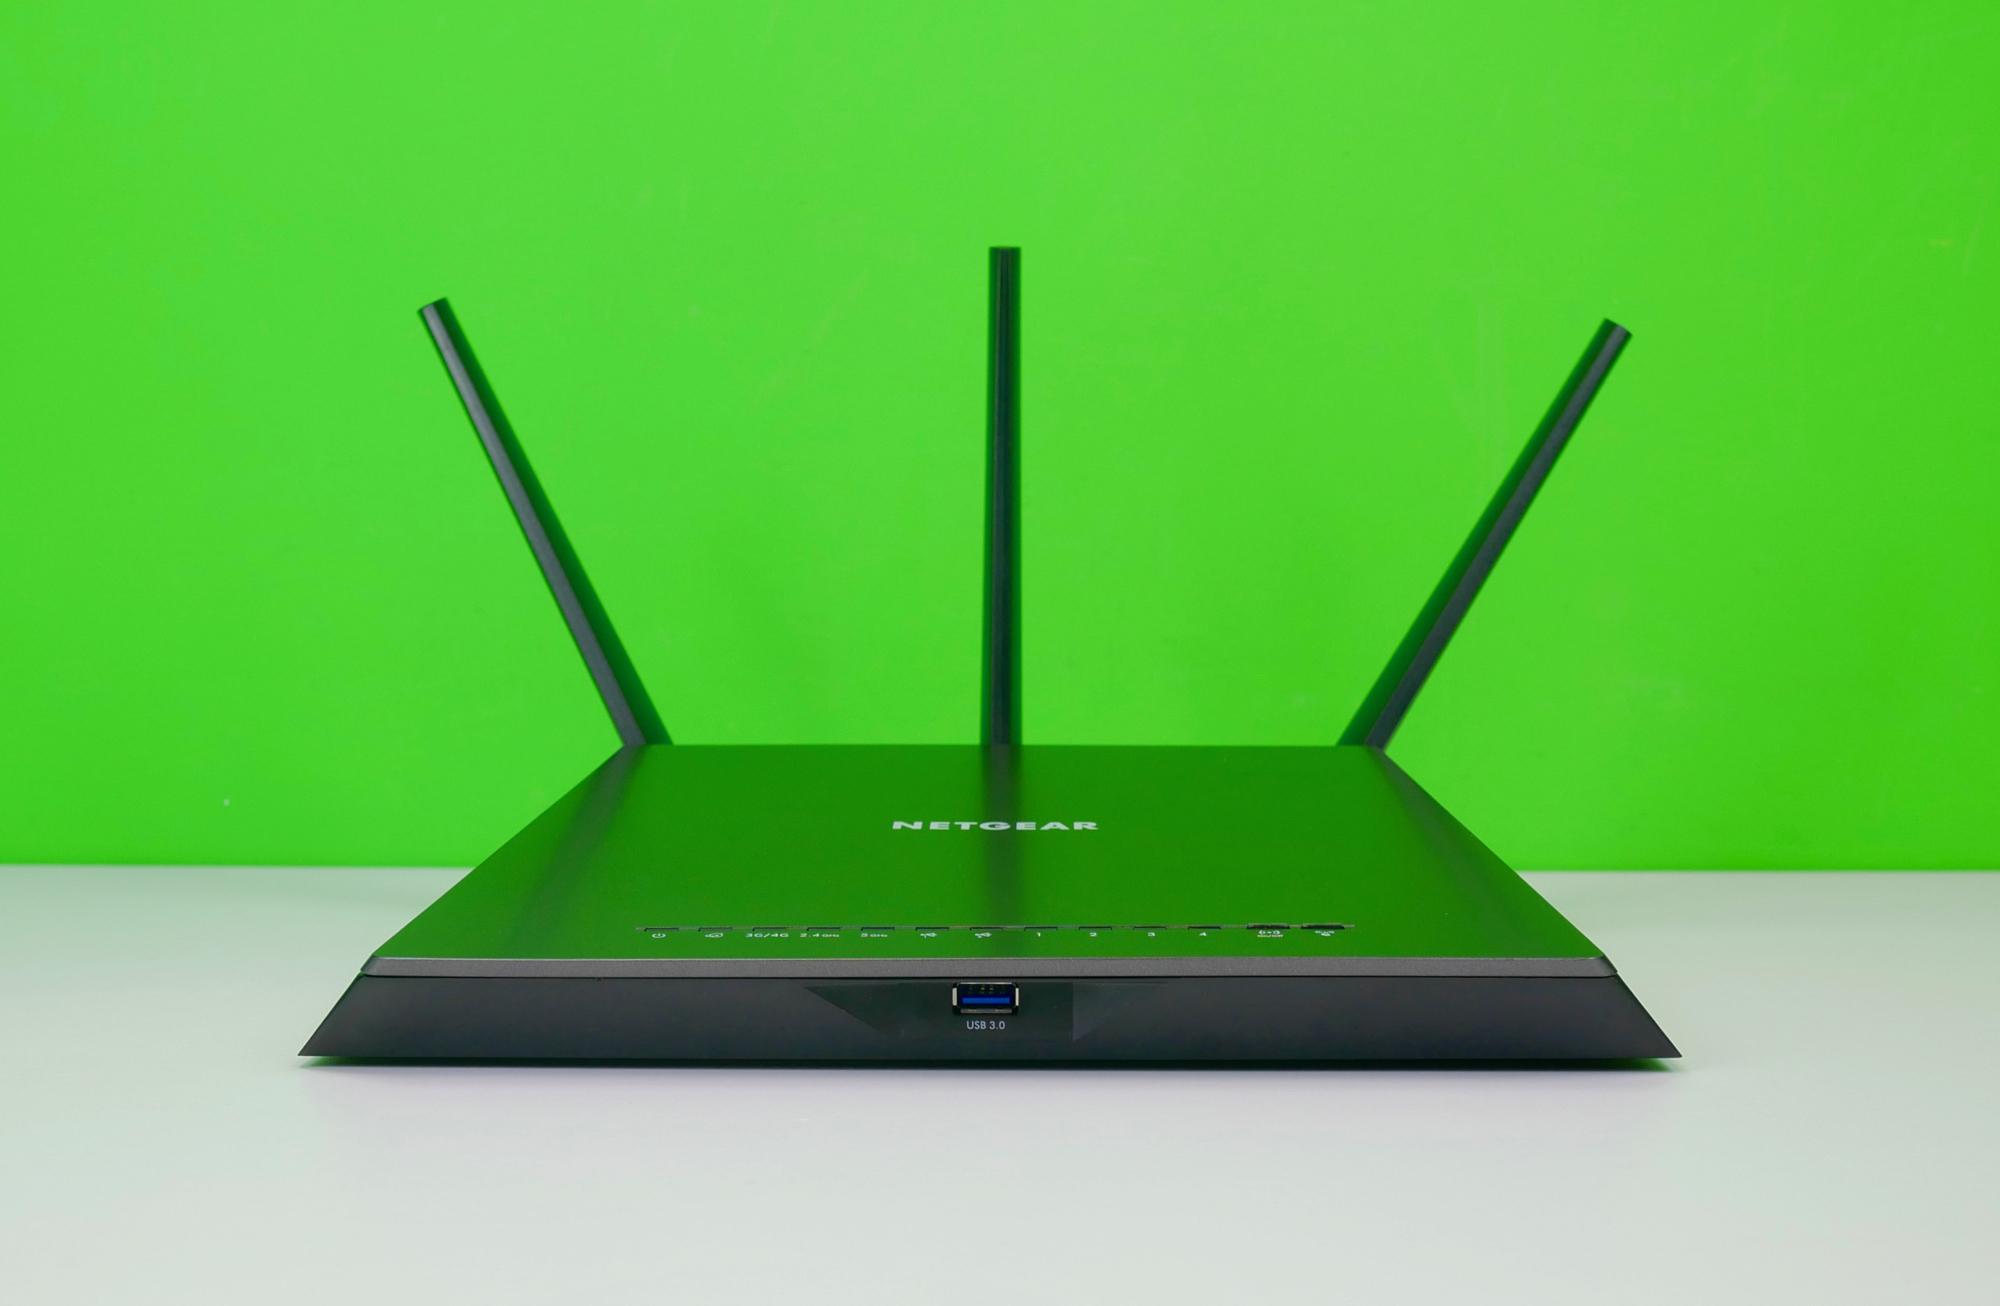 Netgear Nighthawk R7100LG LTE